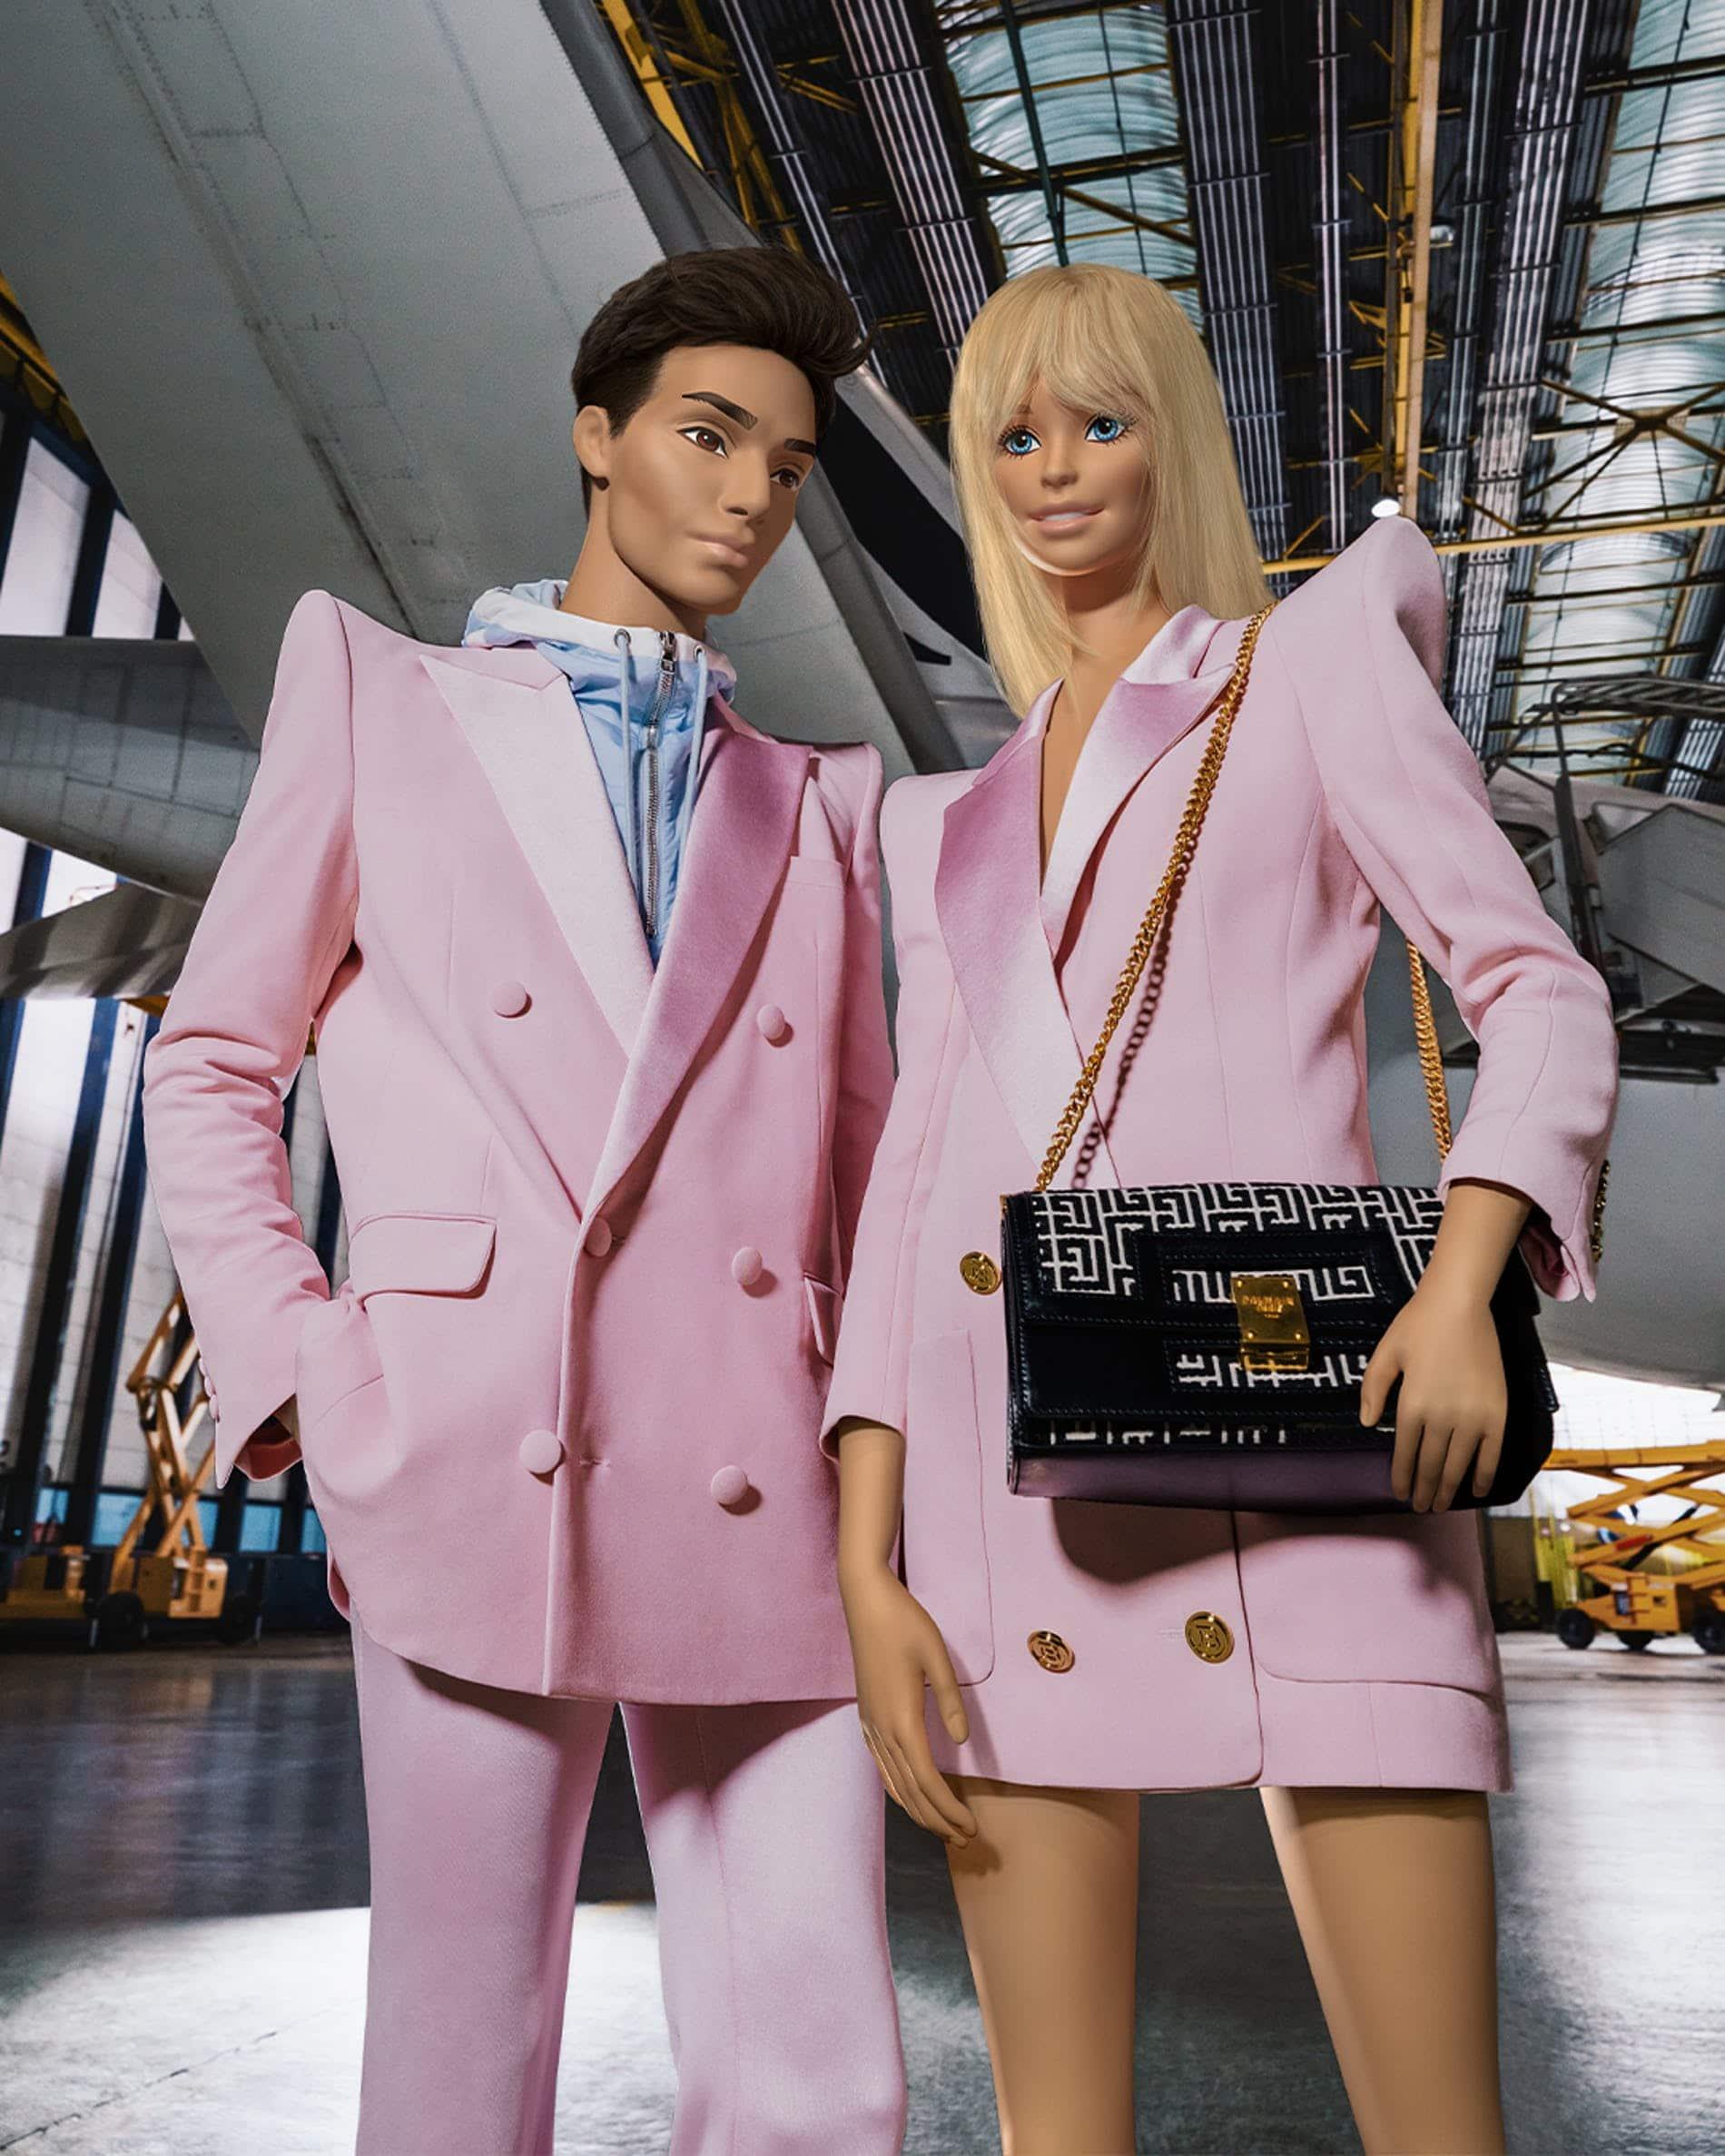 Balmain et Barbie